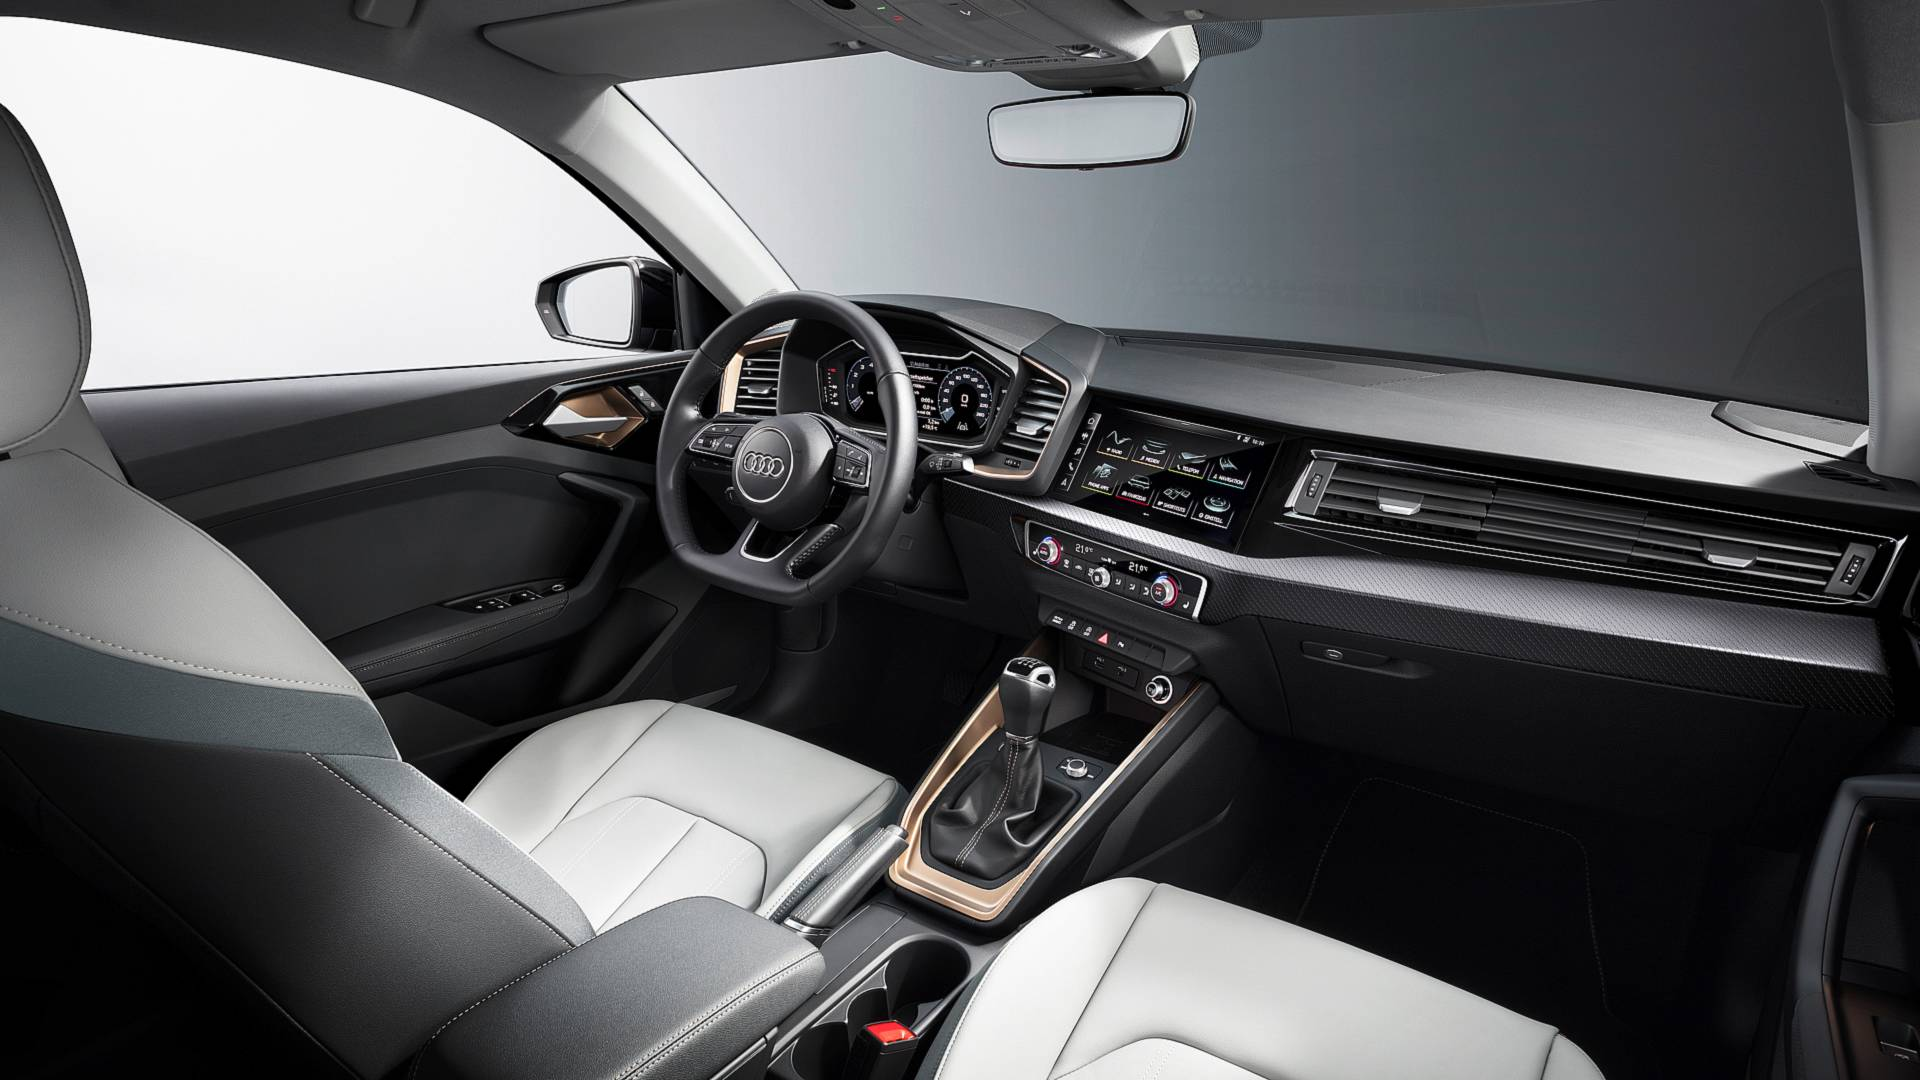 đầu tư giá trị - 2019 audi a1 sportback 9 - Audi A1 Sportback 2019 lộ diện, kiểu dáng cá tính, công suất 200 mã lực